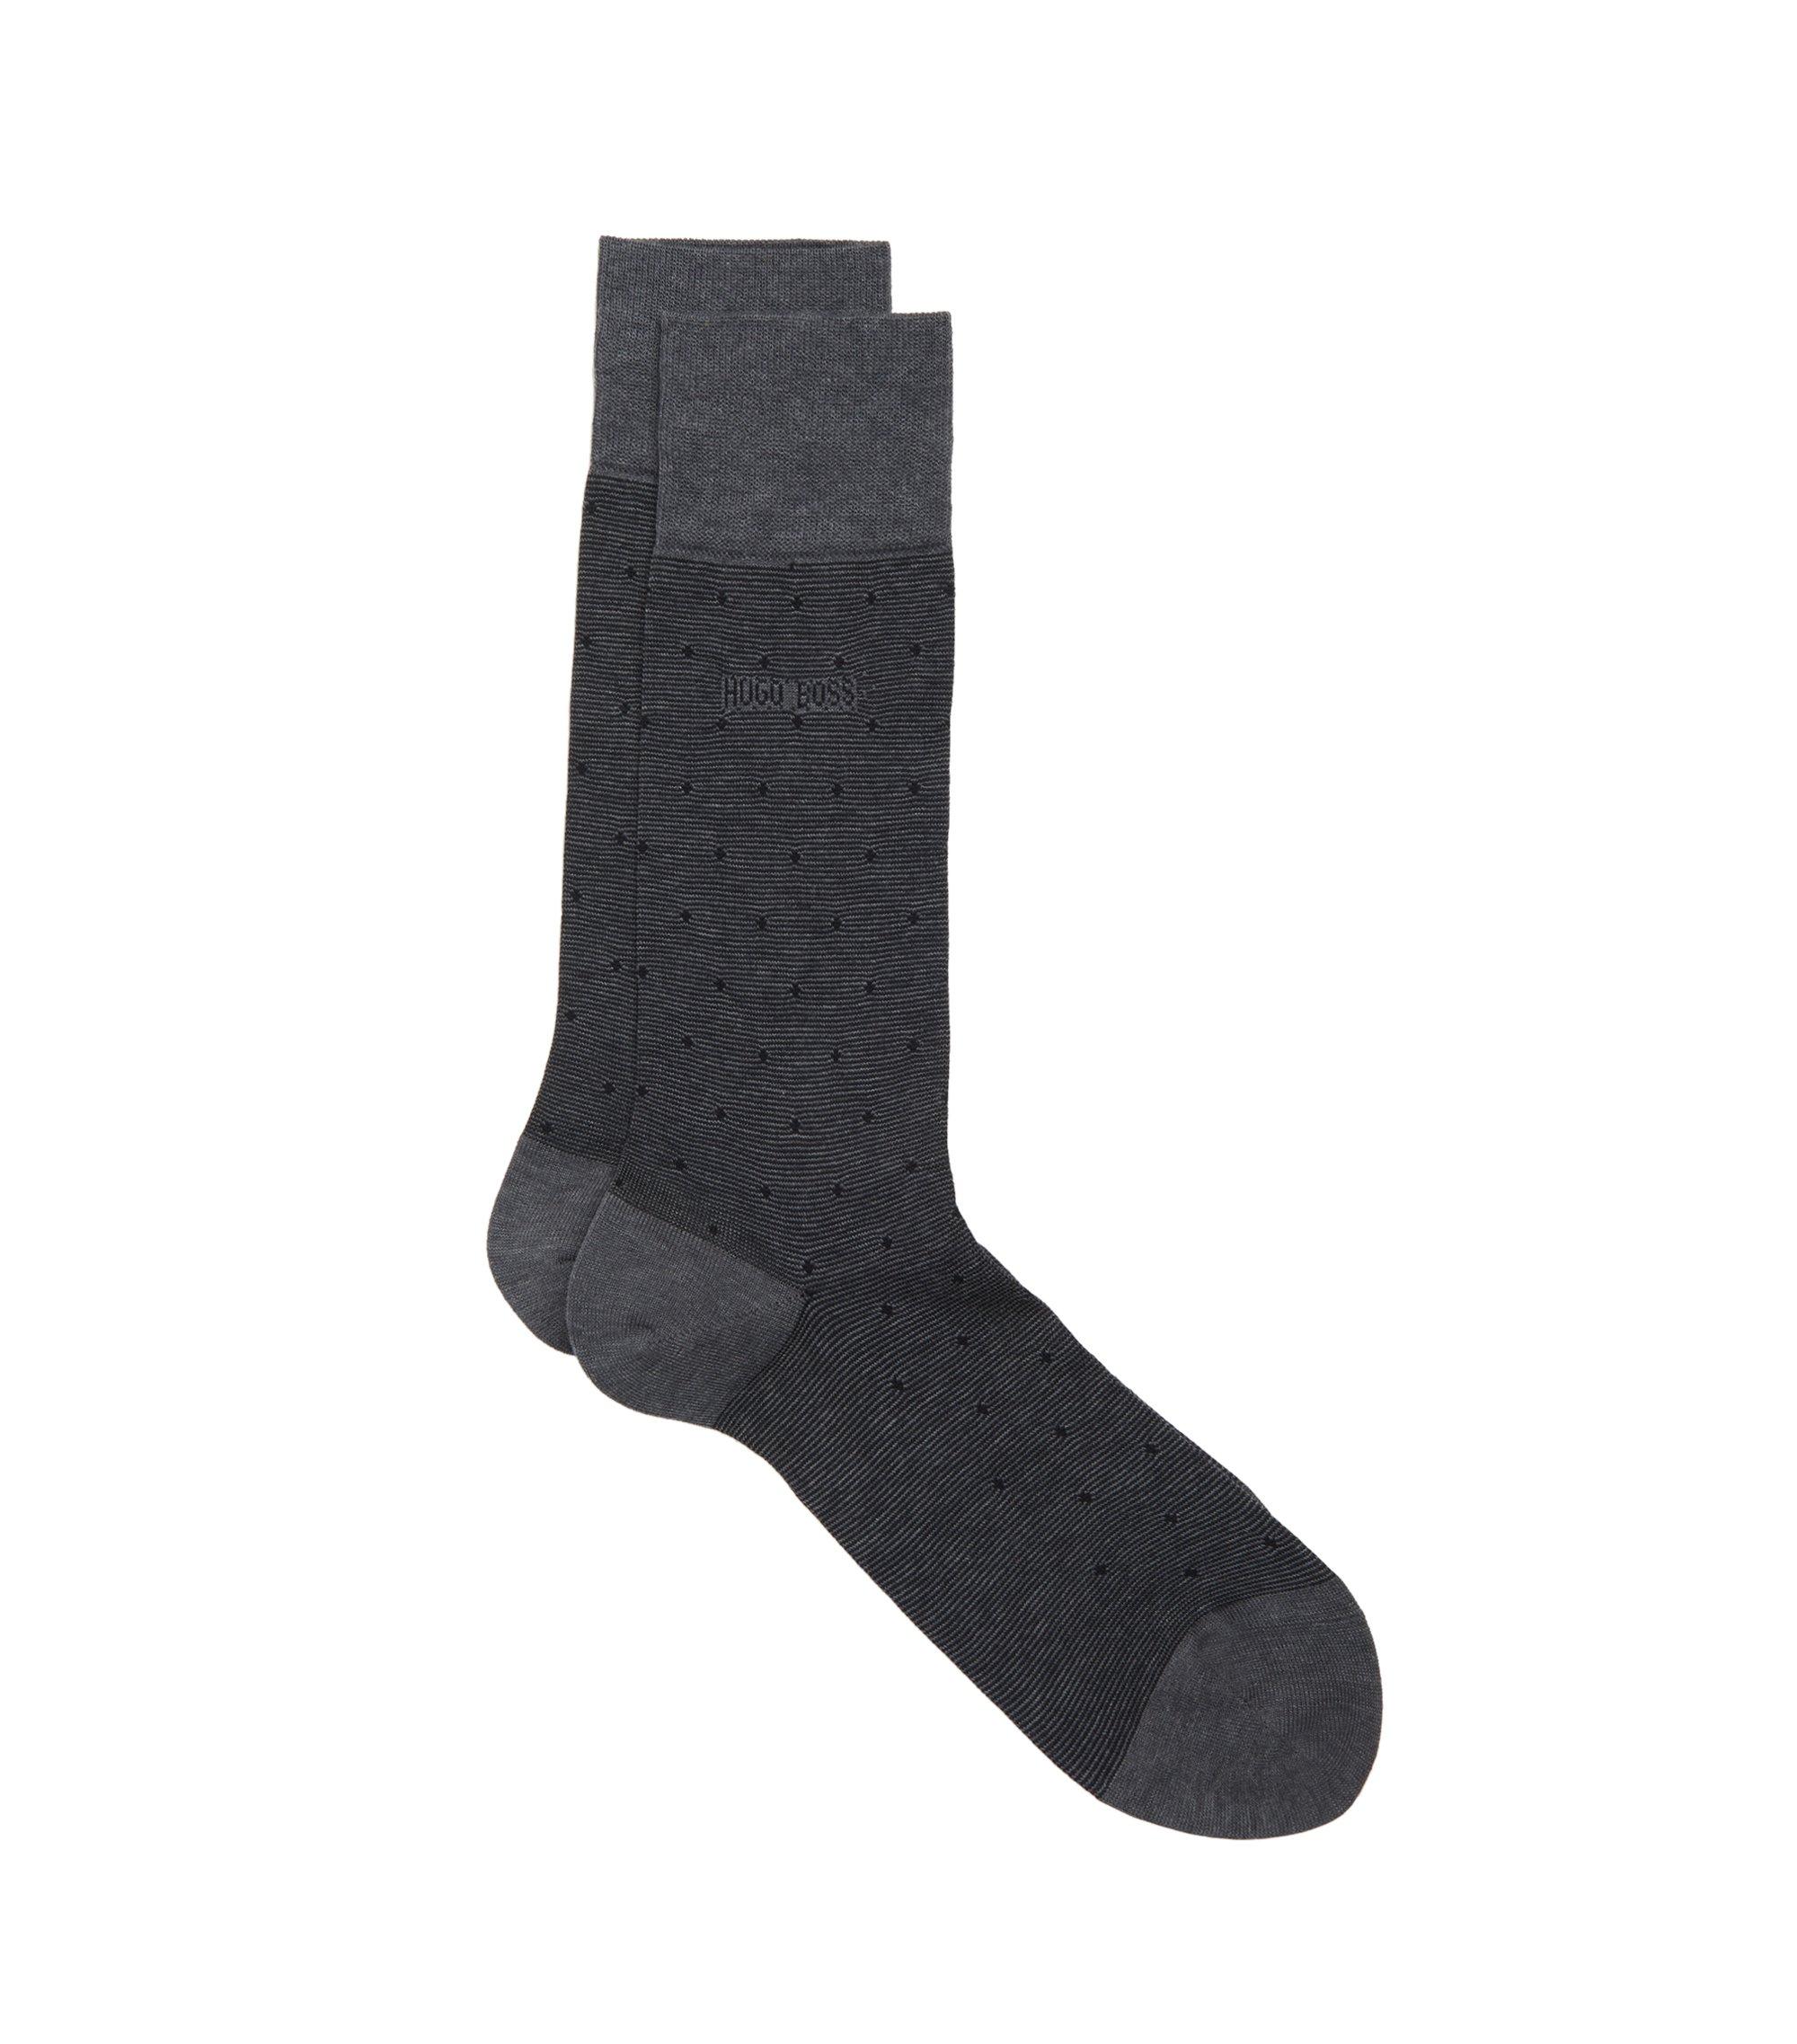 Stretch Cotton Blend Sock | Paul Design Dots US, Black